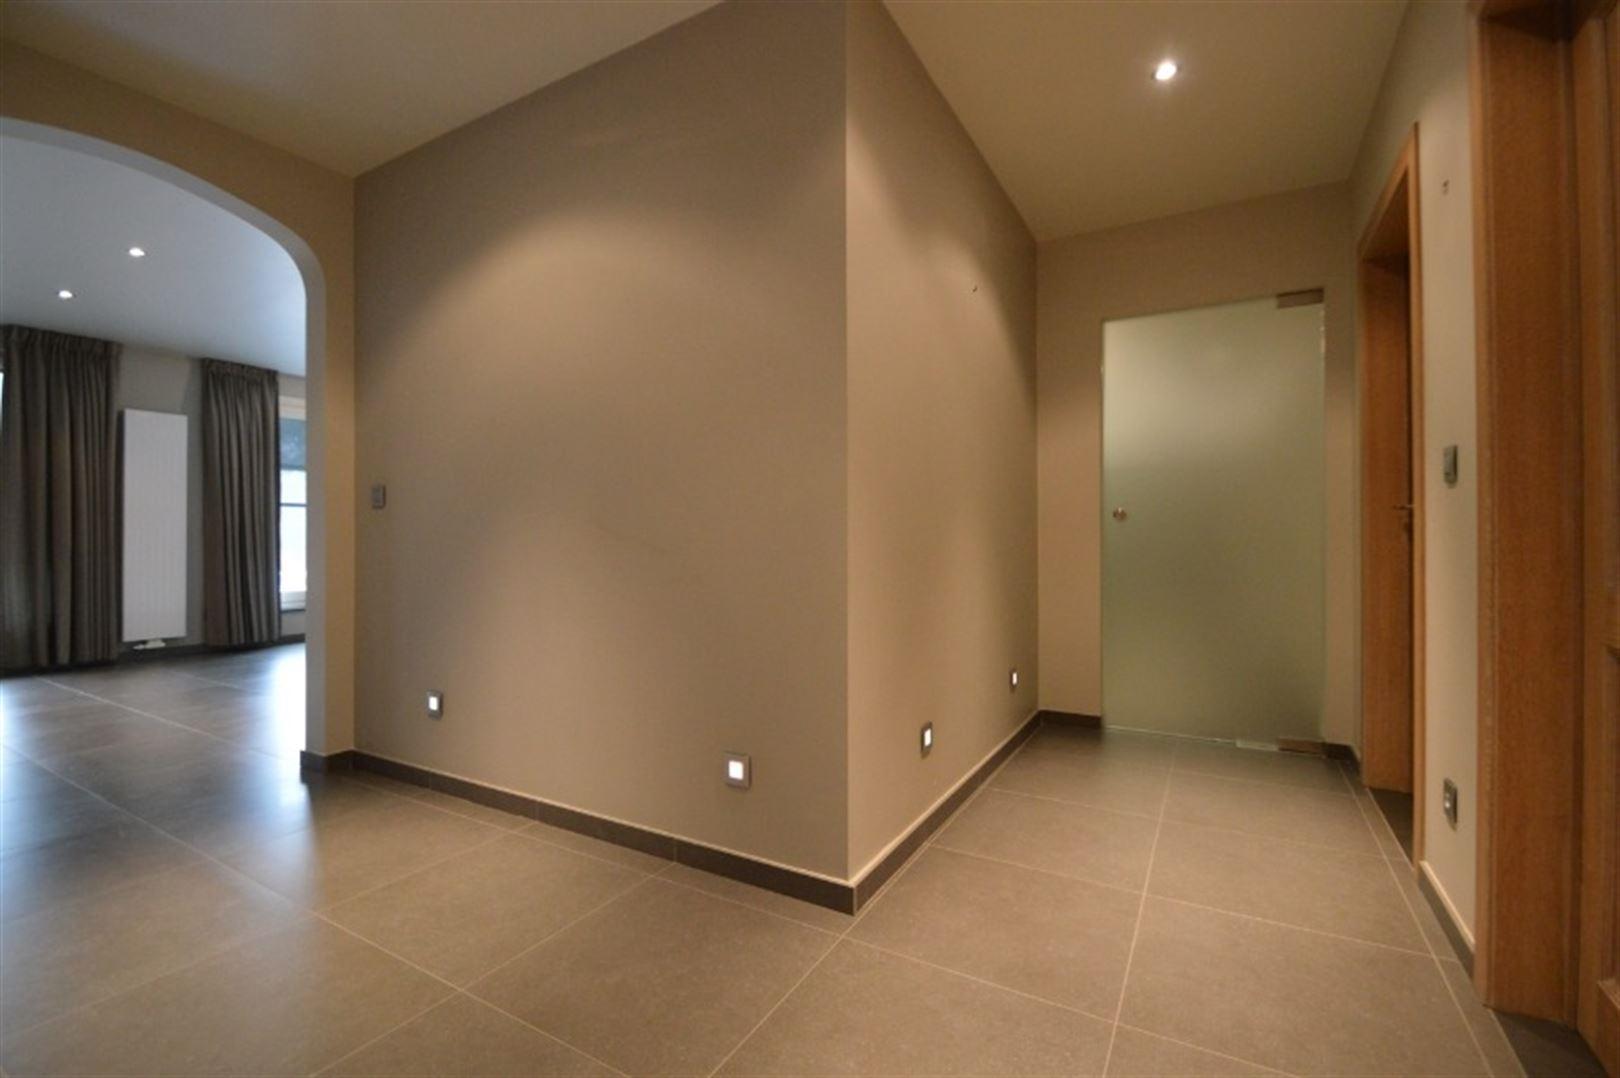 Foto 2 : Appartement te 9240 Zele (België) - Prijs € 725